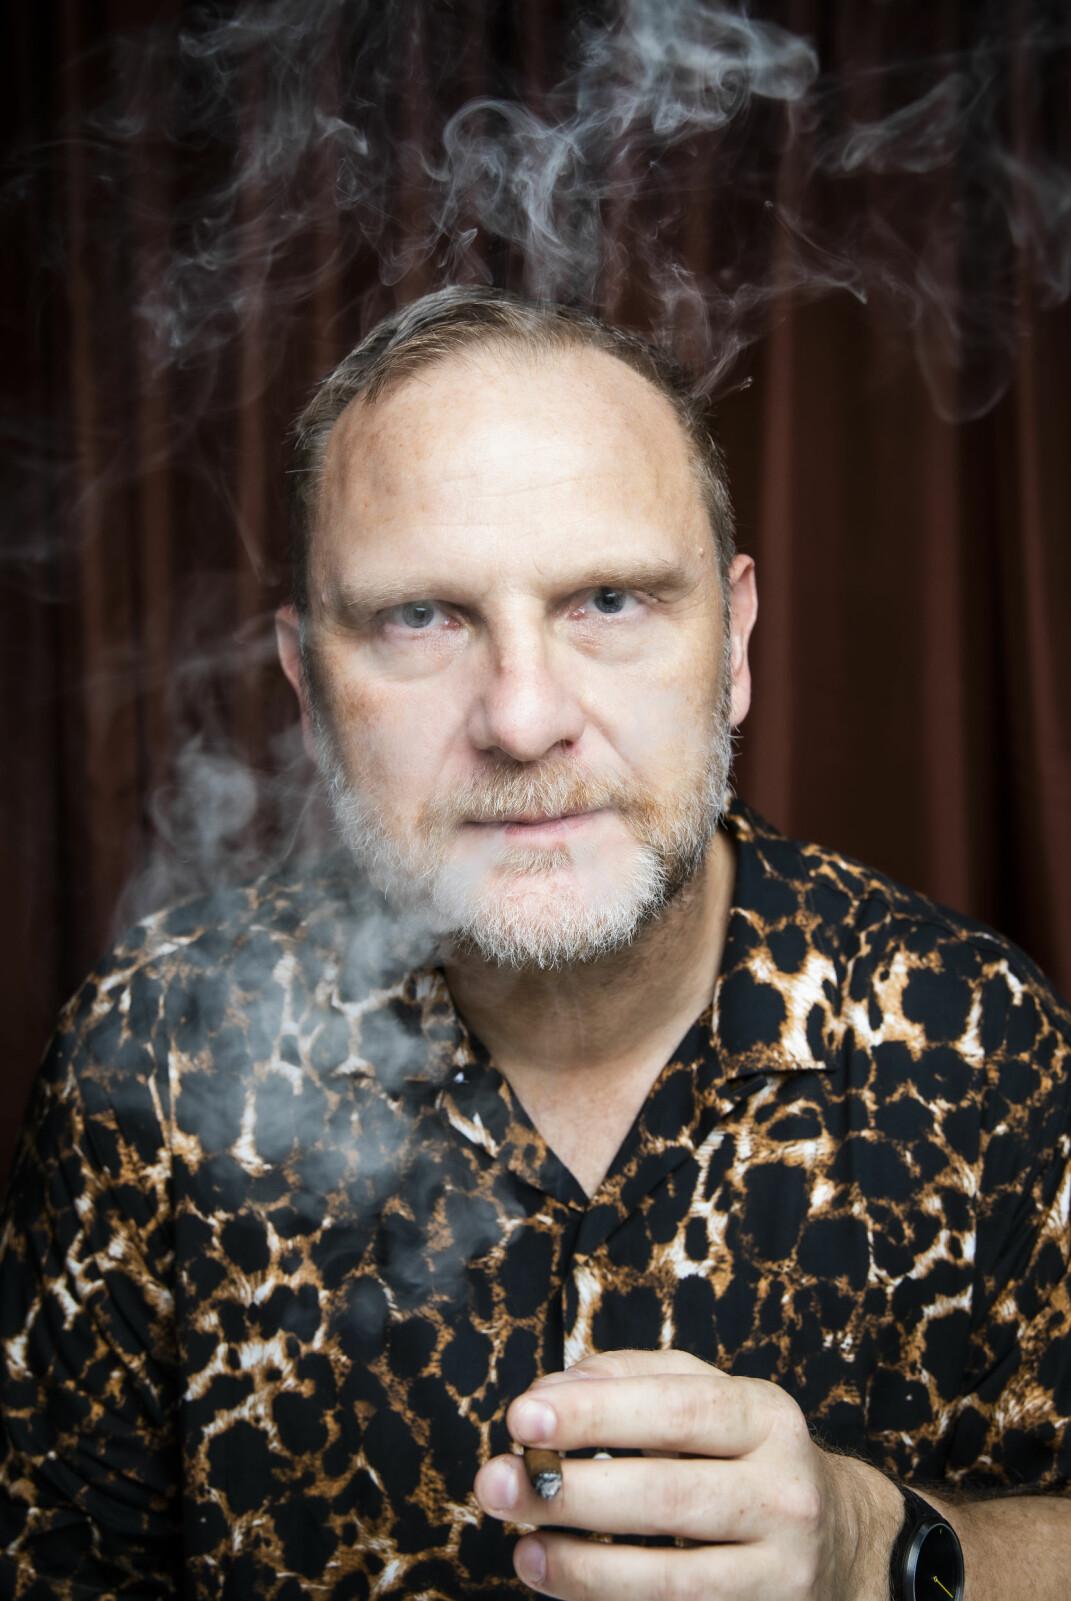 Skjorta med leopardmønster er av merket Gitman Bros. – Jeg fikk assosiasjon til Leif Hagen da jeg så den, og da var valget enkelt, sier Frank Rossavik.